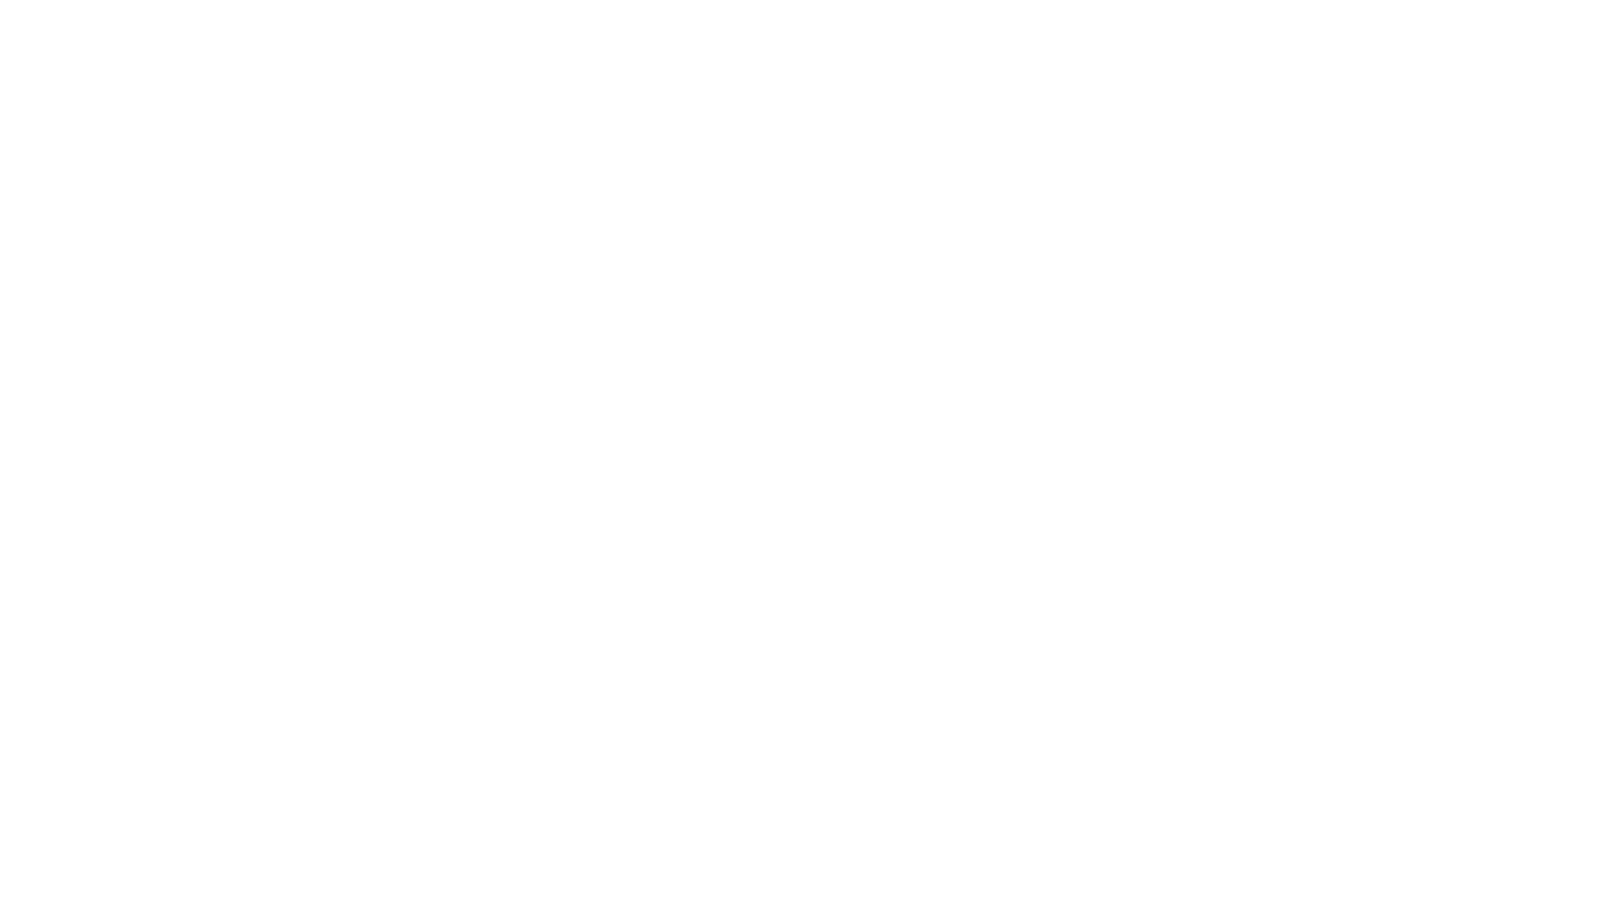 Nowe Centrum Kultury, Sportu i Promocji w Rabce-Zdroju Na sesji 31 marca 2021 trwała dyskusja na temat nowego statutu dla Centrum Kultury, Sportu i Promocji w Rabce-Zdroju. W ślad za konkursem opublikowano sprawozdania z działalności za 2019 i 2020 rok. https://matwojt.pl/2021/05/05/ruszyl-konkurs-na-nowego-dyrektora-jaka-byla-sytuacja-mok-u-w-2019-i-2020-roku/     Kandydaci mogą zgłaszać swoje kandydatury do 31 maja 2021